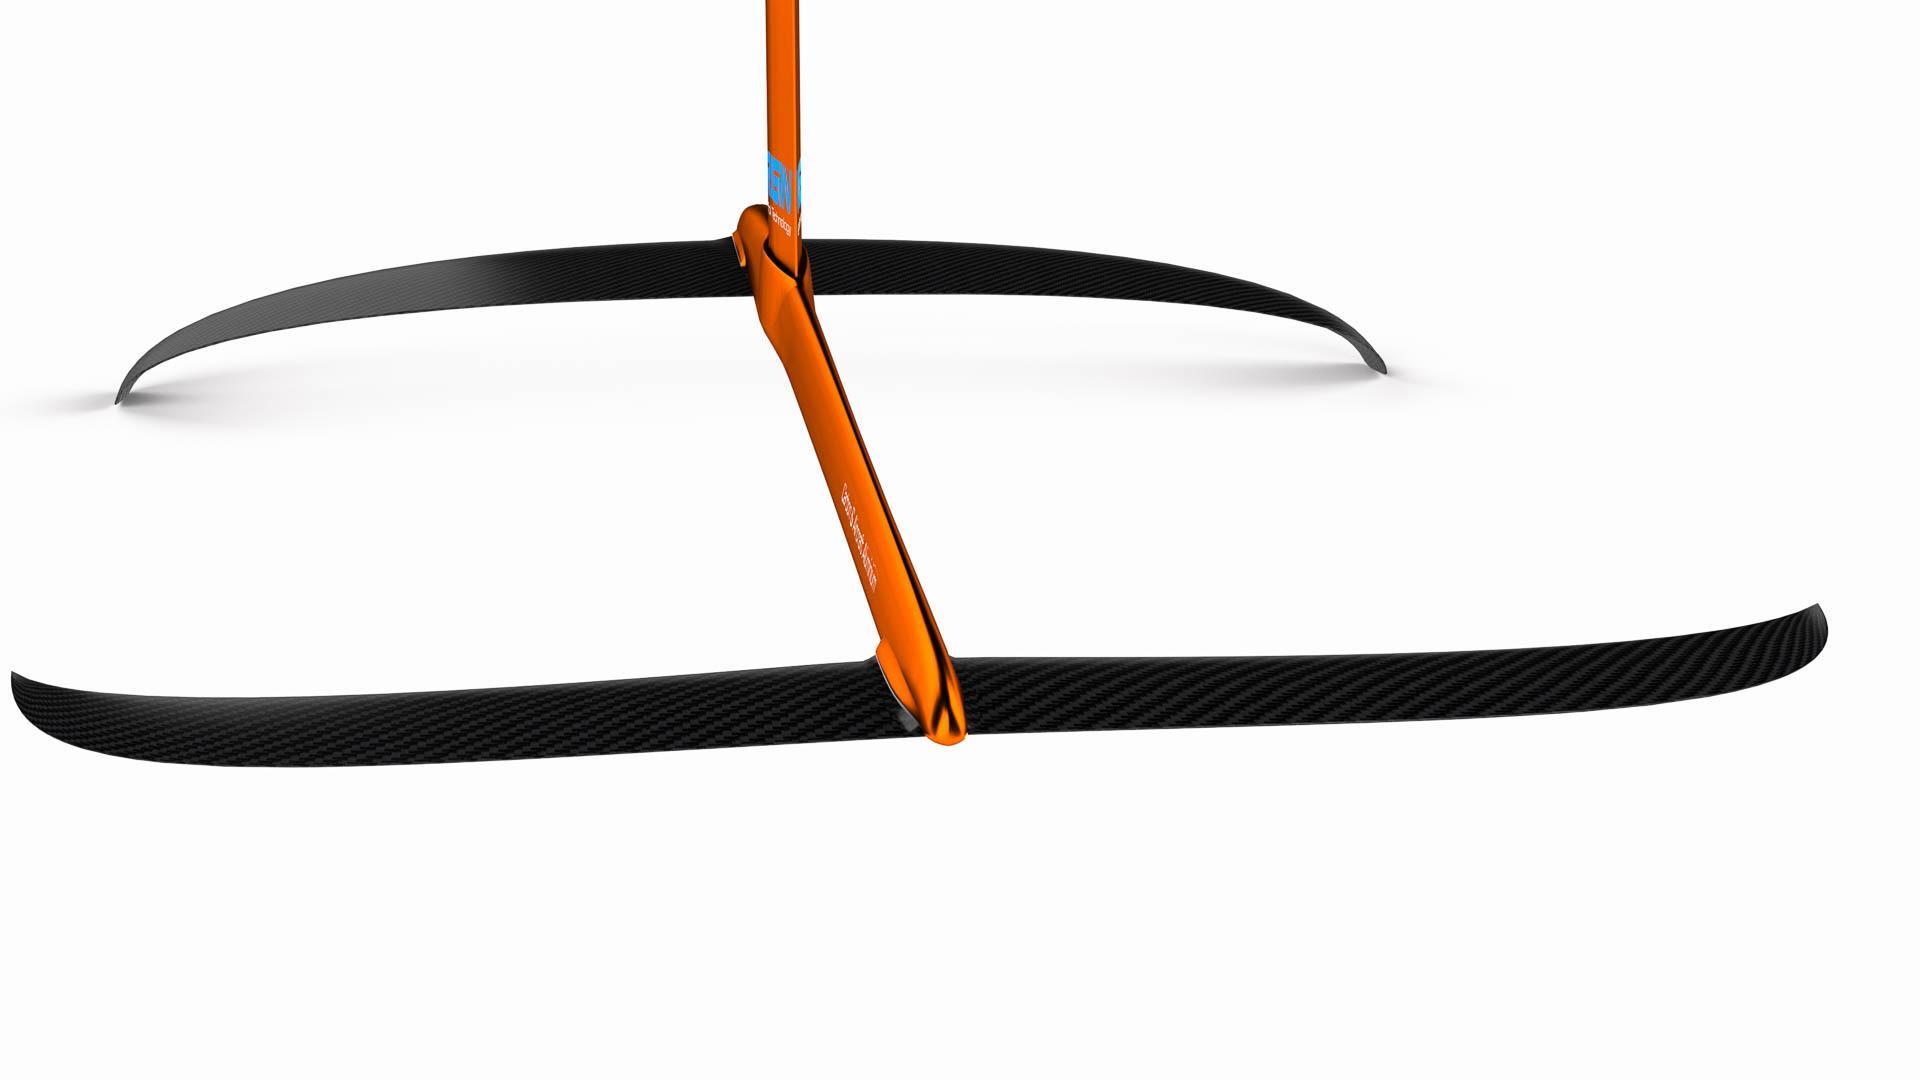 Kitefoil alpinefoil origin 12